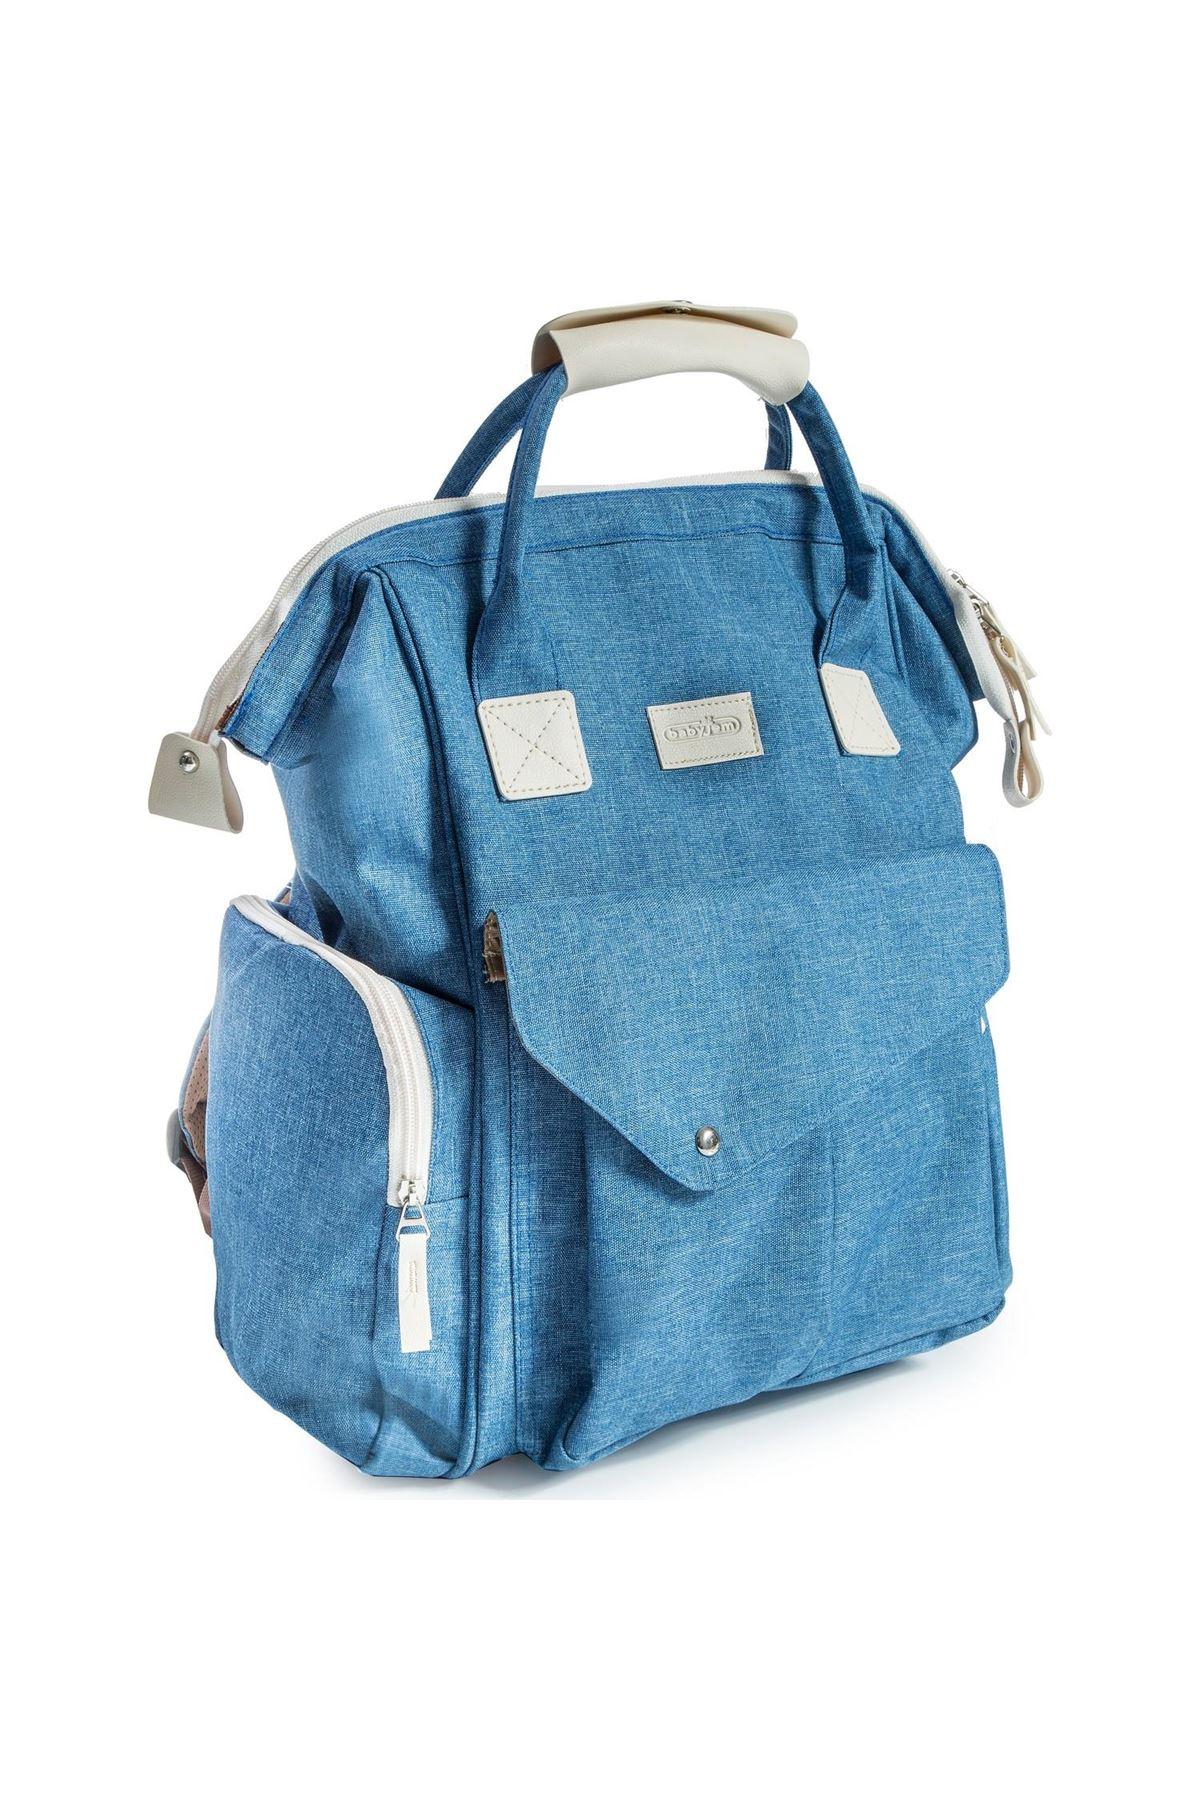 BabyJem Çok Fonksiyonlu Bebek Bakım Çantası 568 Açık Mavi